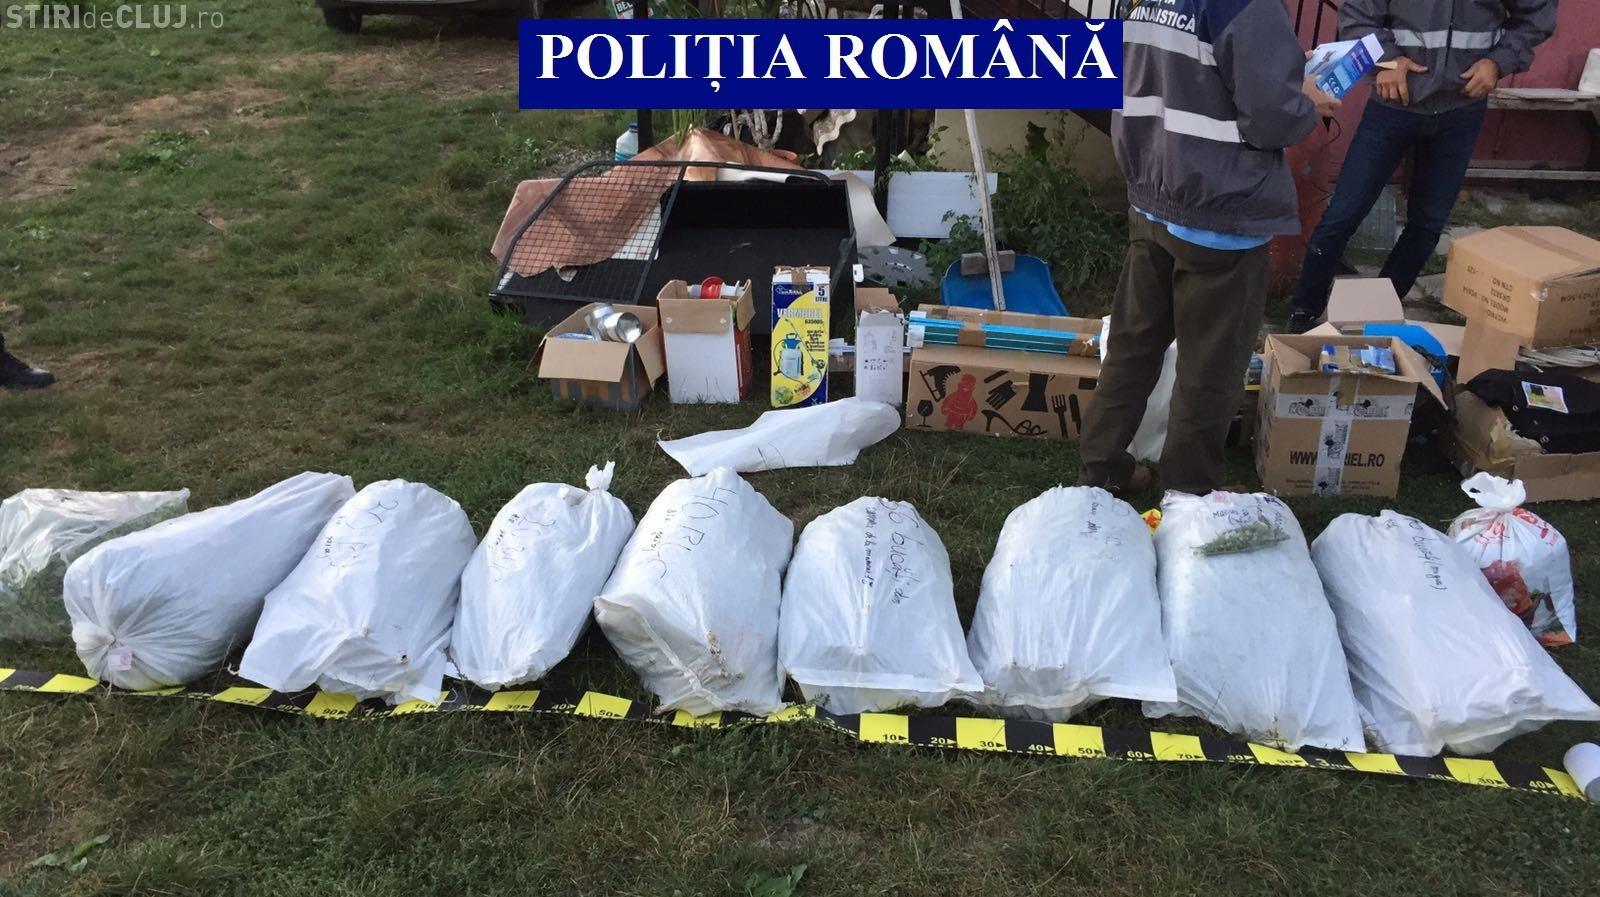 Captură URIAȘĂ de marijuana la Cluj! Polițiștii au găsit aproape 600 de plante și peste 100 de kg de canabis mărunțit FOTO